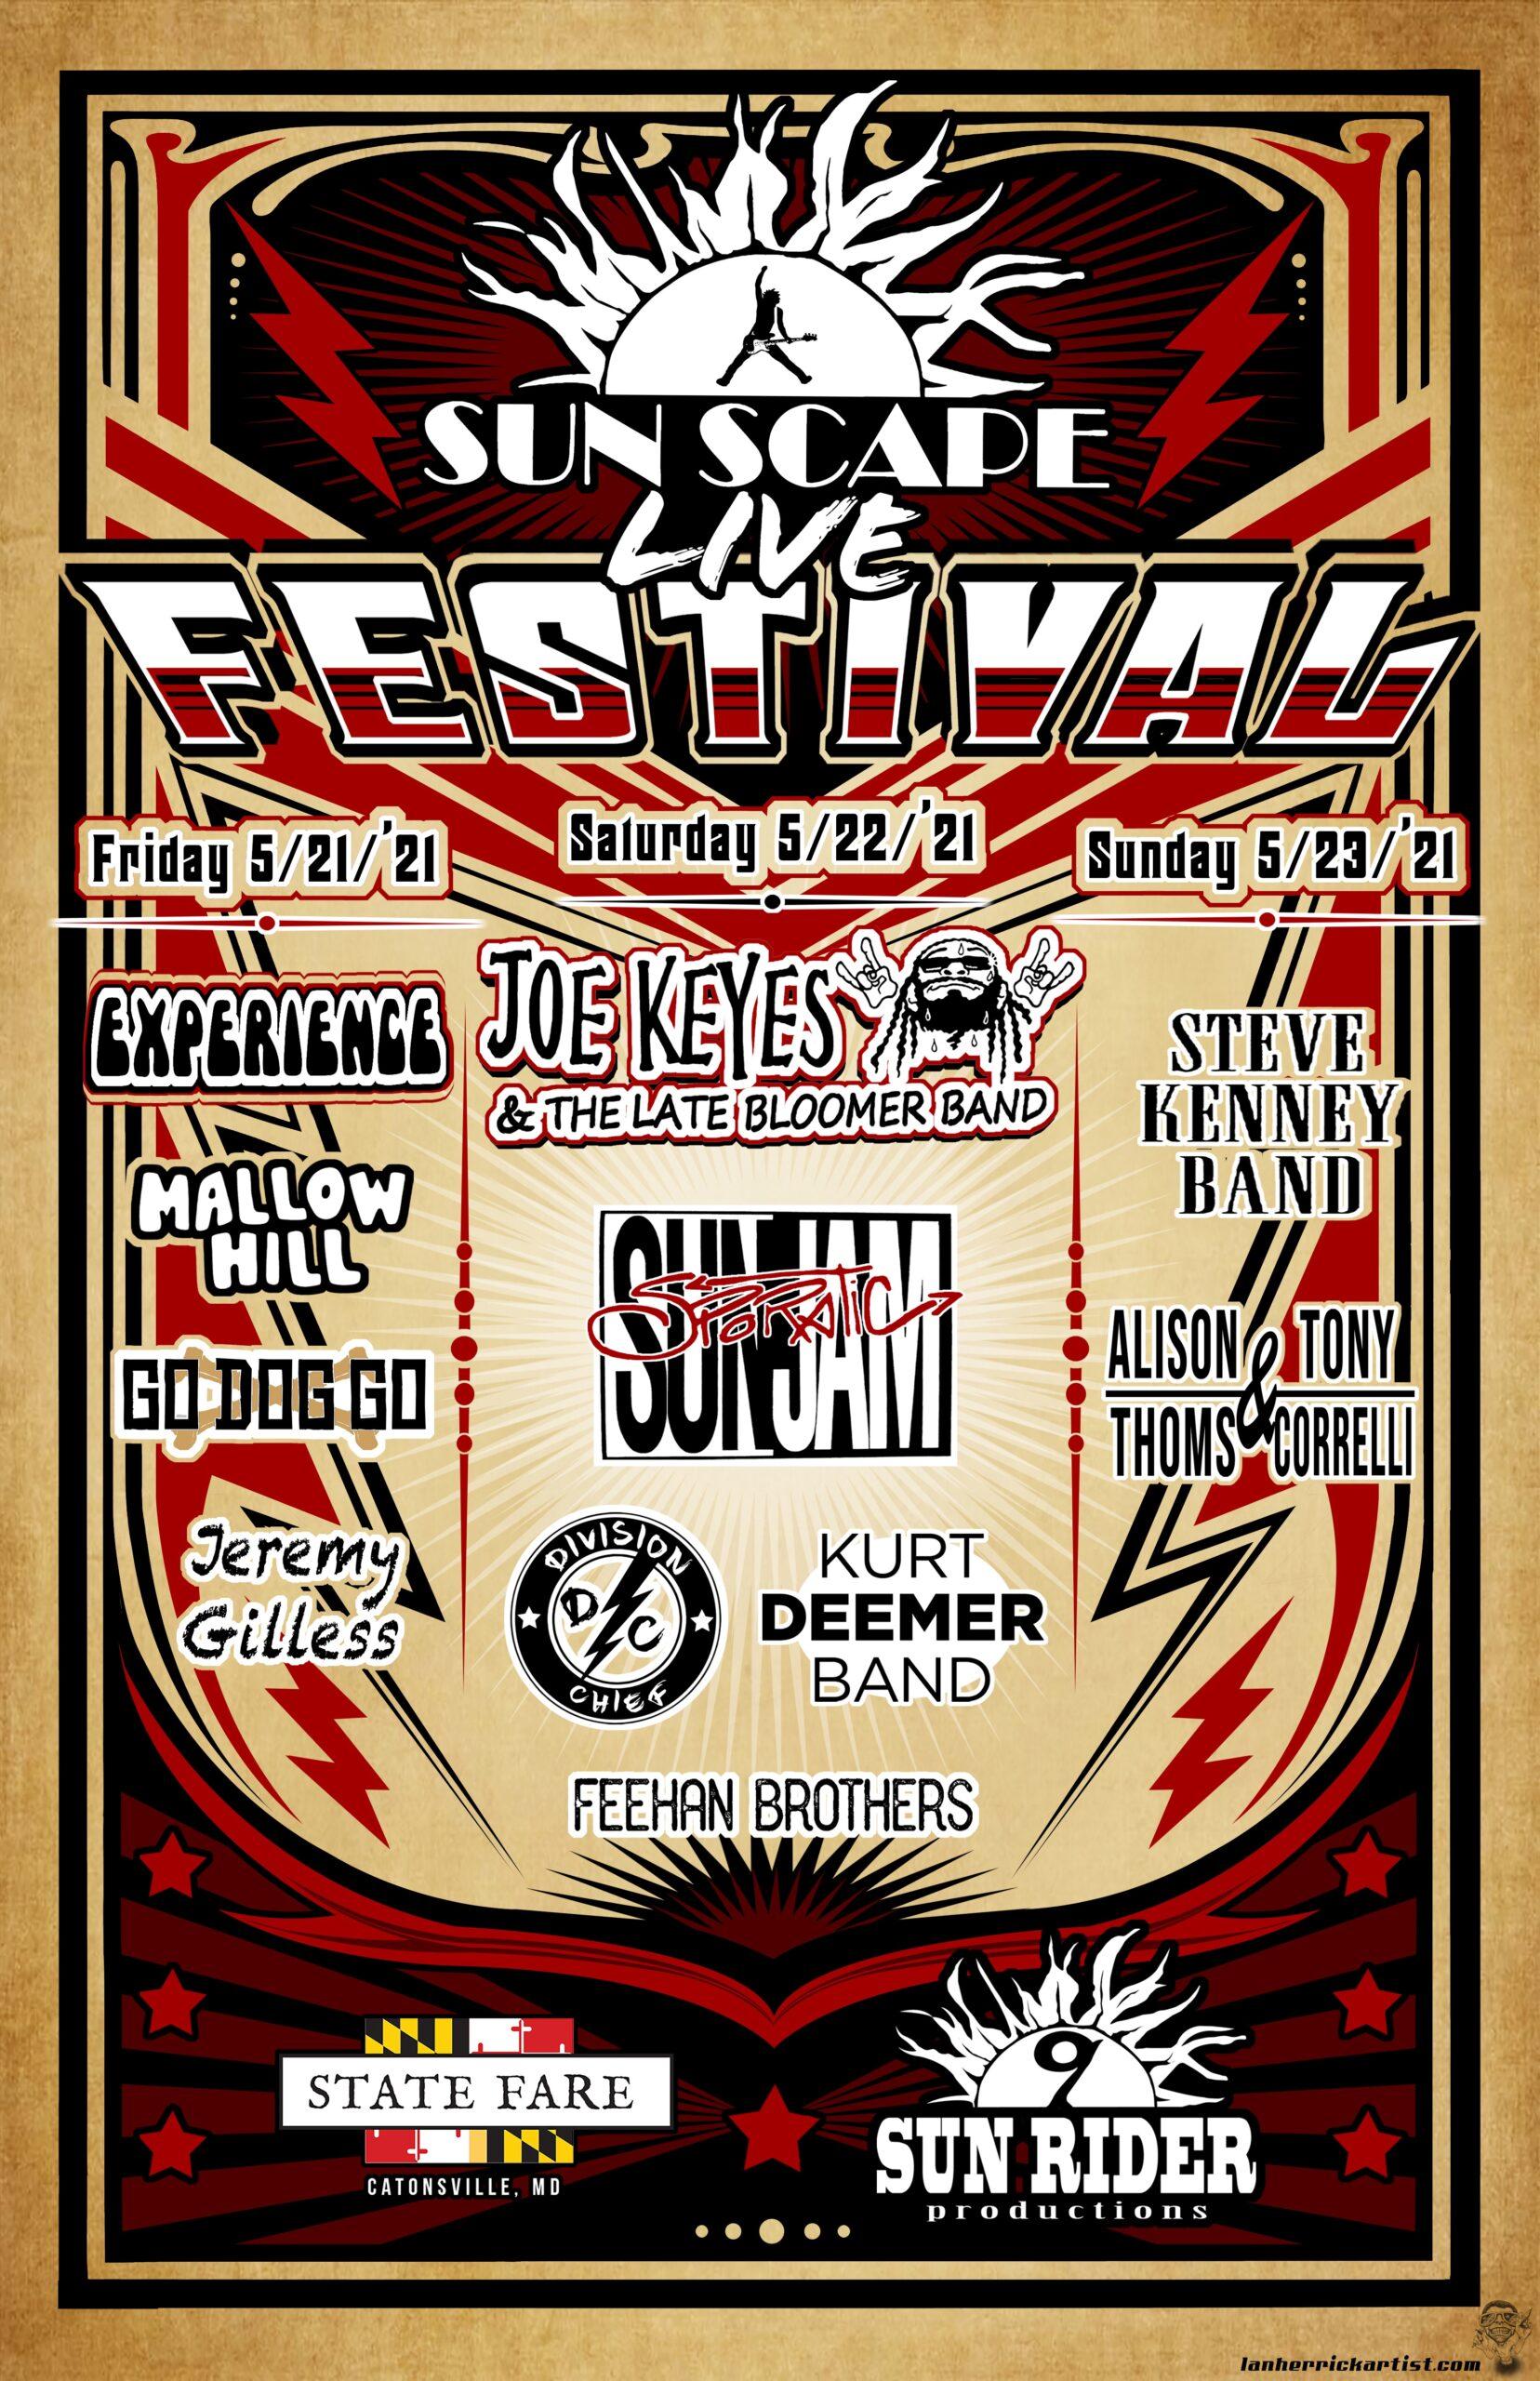 Sun Scape Live Festival 2021